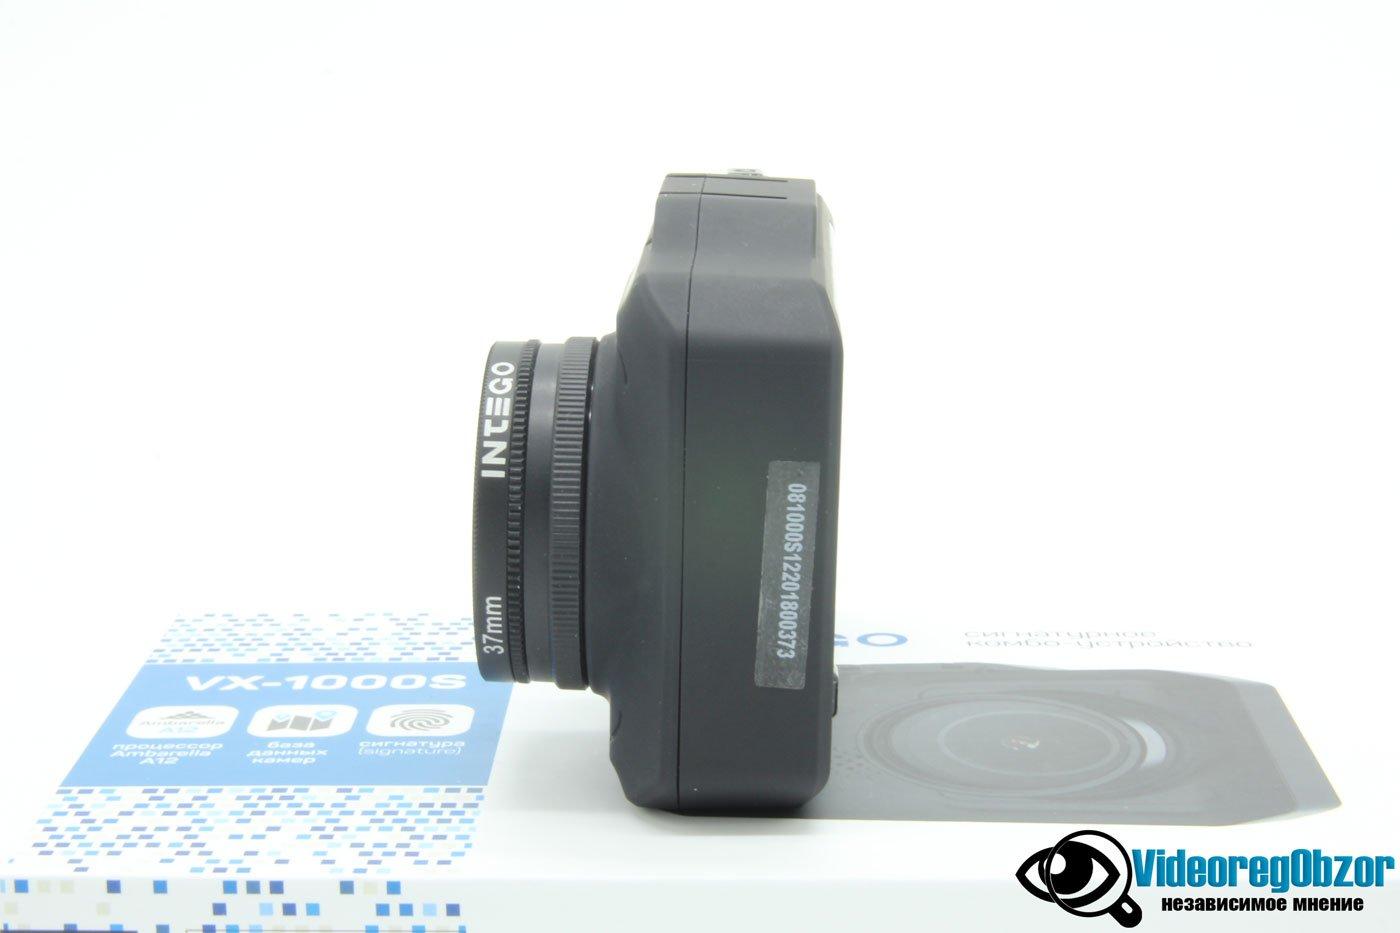 INTEGO VX 1000S 18